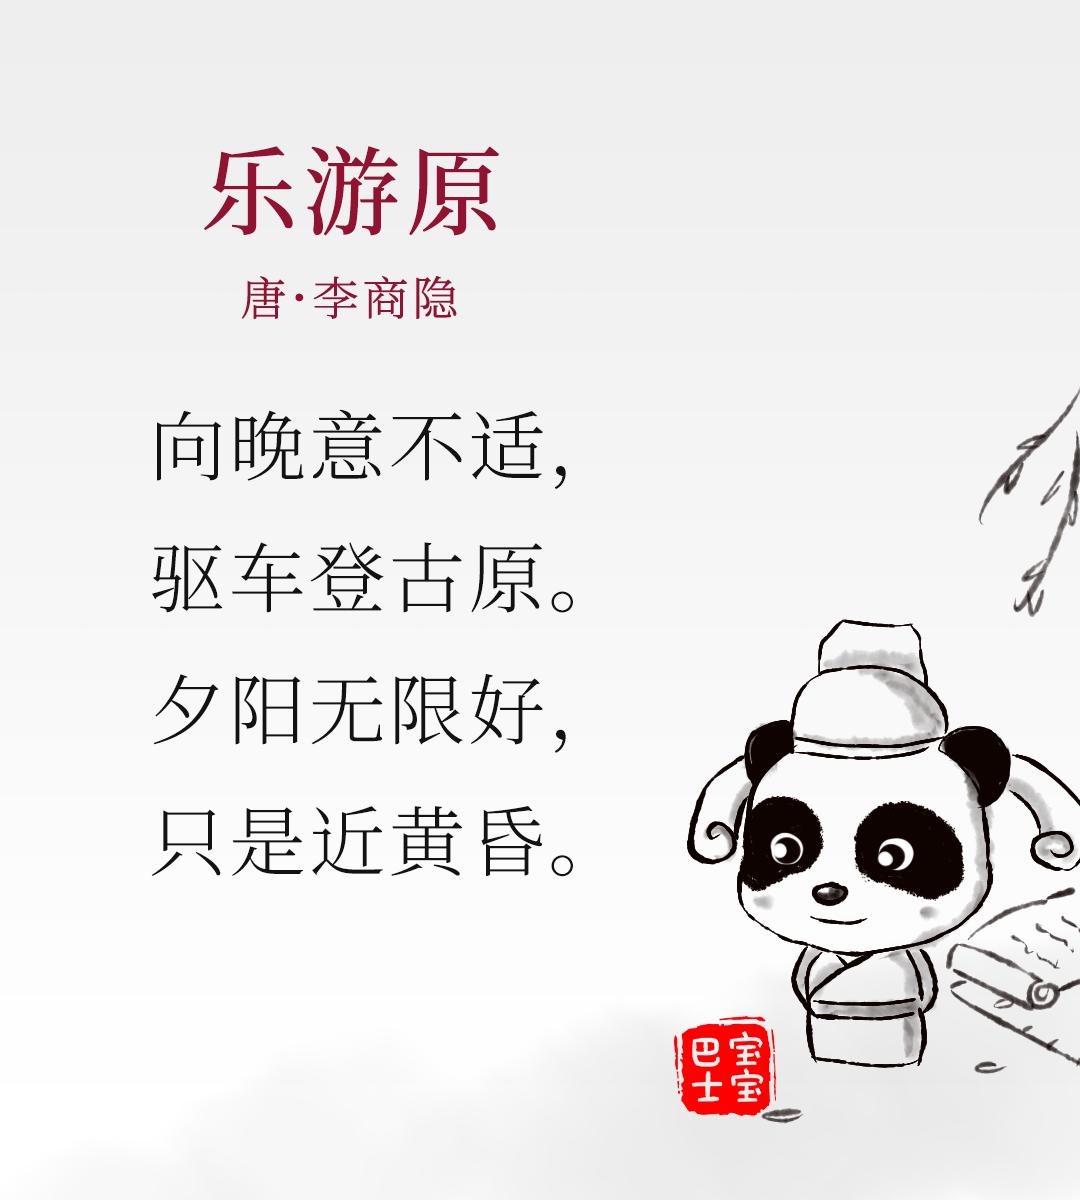 【奇妙唱古诗】《乐游原》-唐-李商隐- 夕阳无